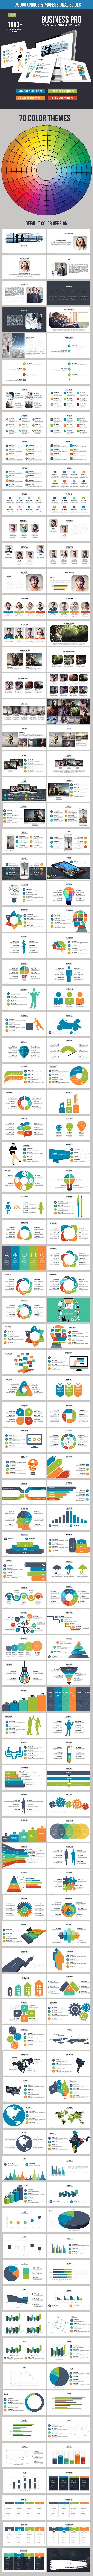 Business Pro Keynote Presentation — Keynote KEY #marketing #loveishkalsi • Available here → https://graphicriver.net/item/business-pro-keynote-presentation/17741795?ref=pxcr